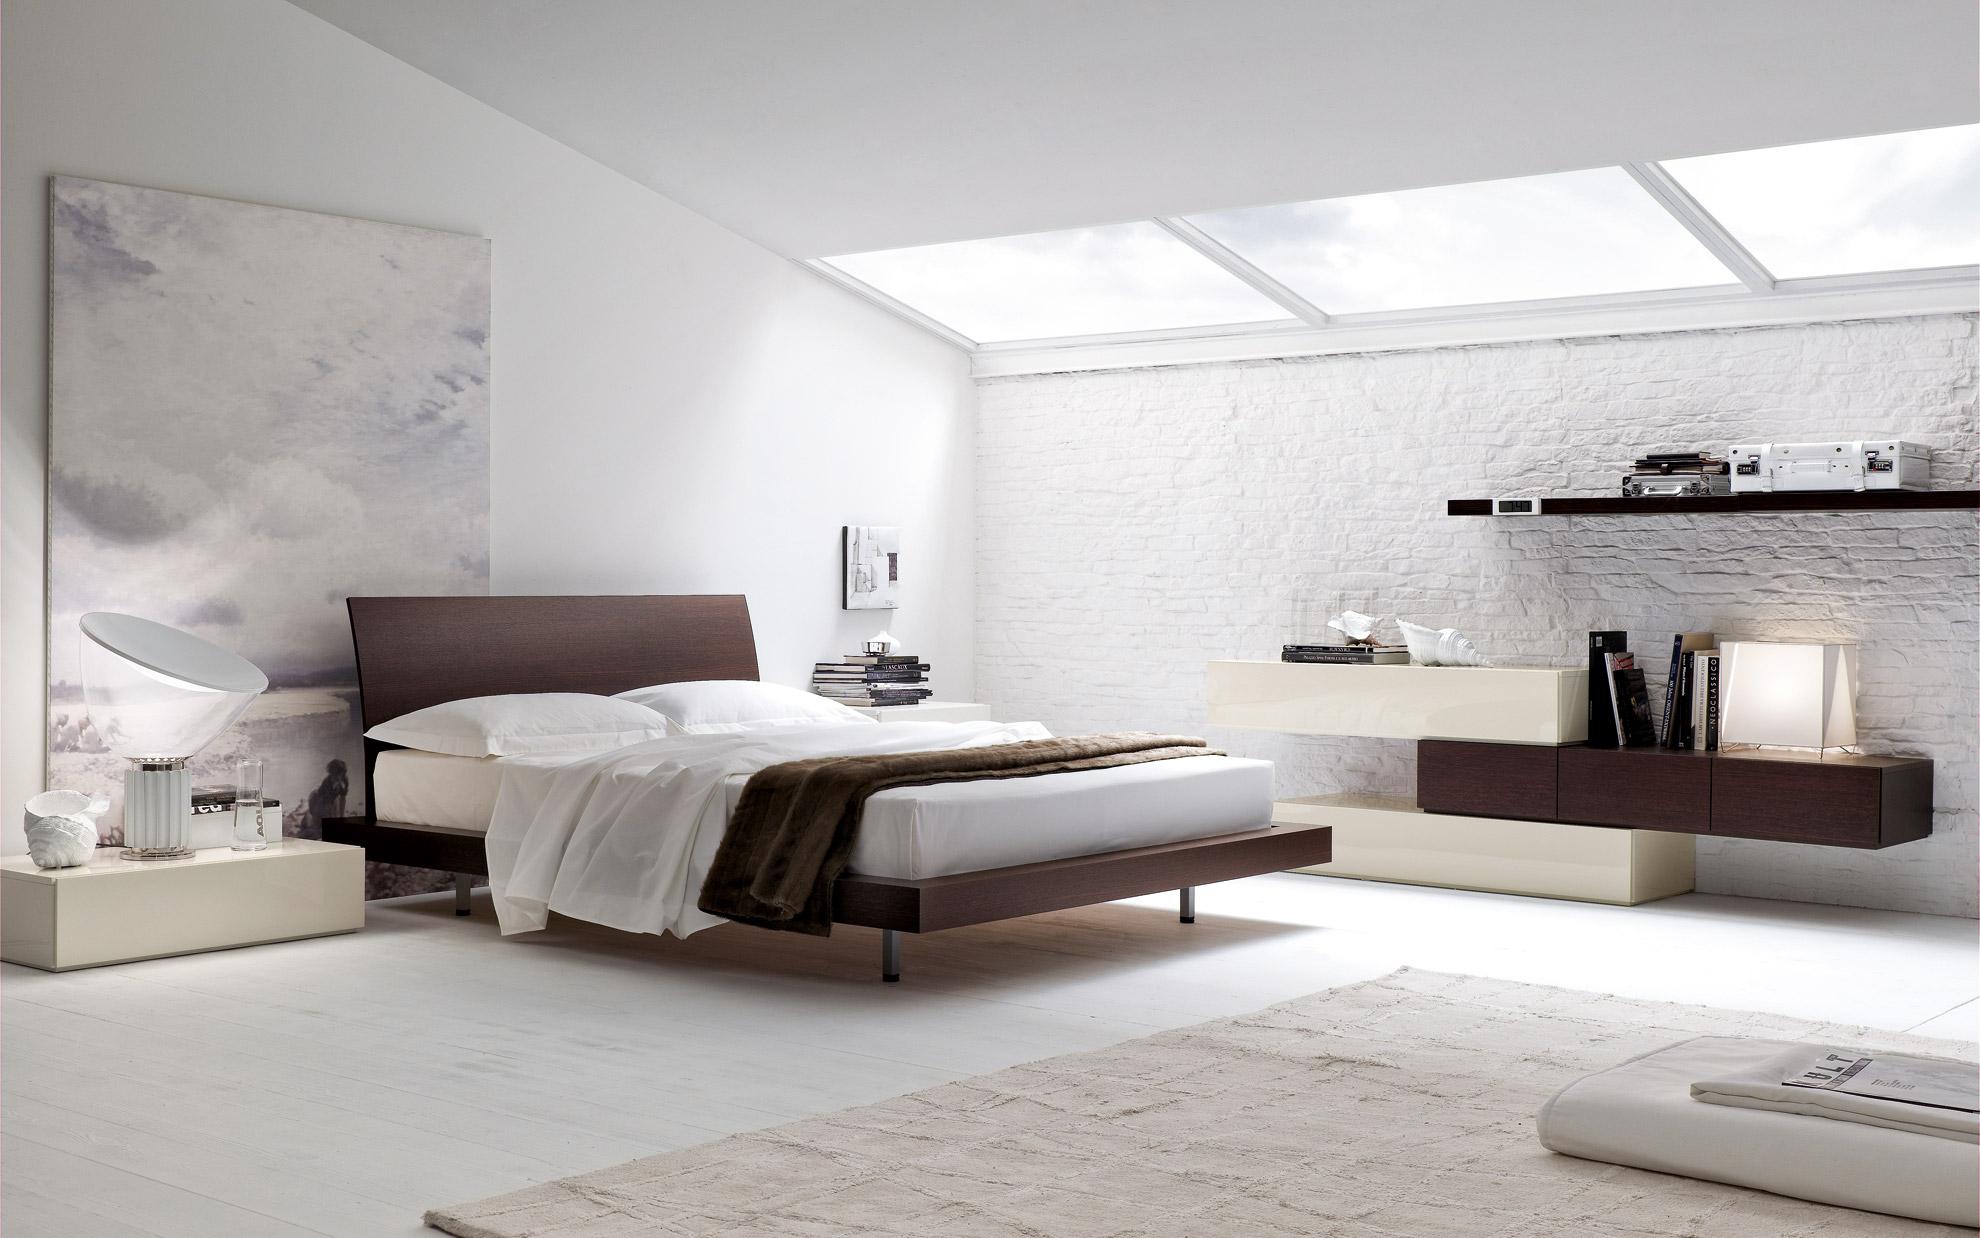 Arredamenti moderni camere da letto home design e - Arredamenti moderni camere da letto ...